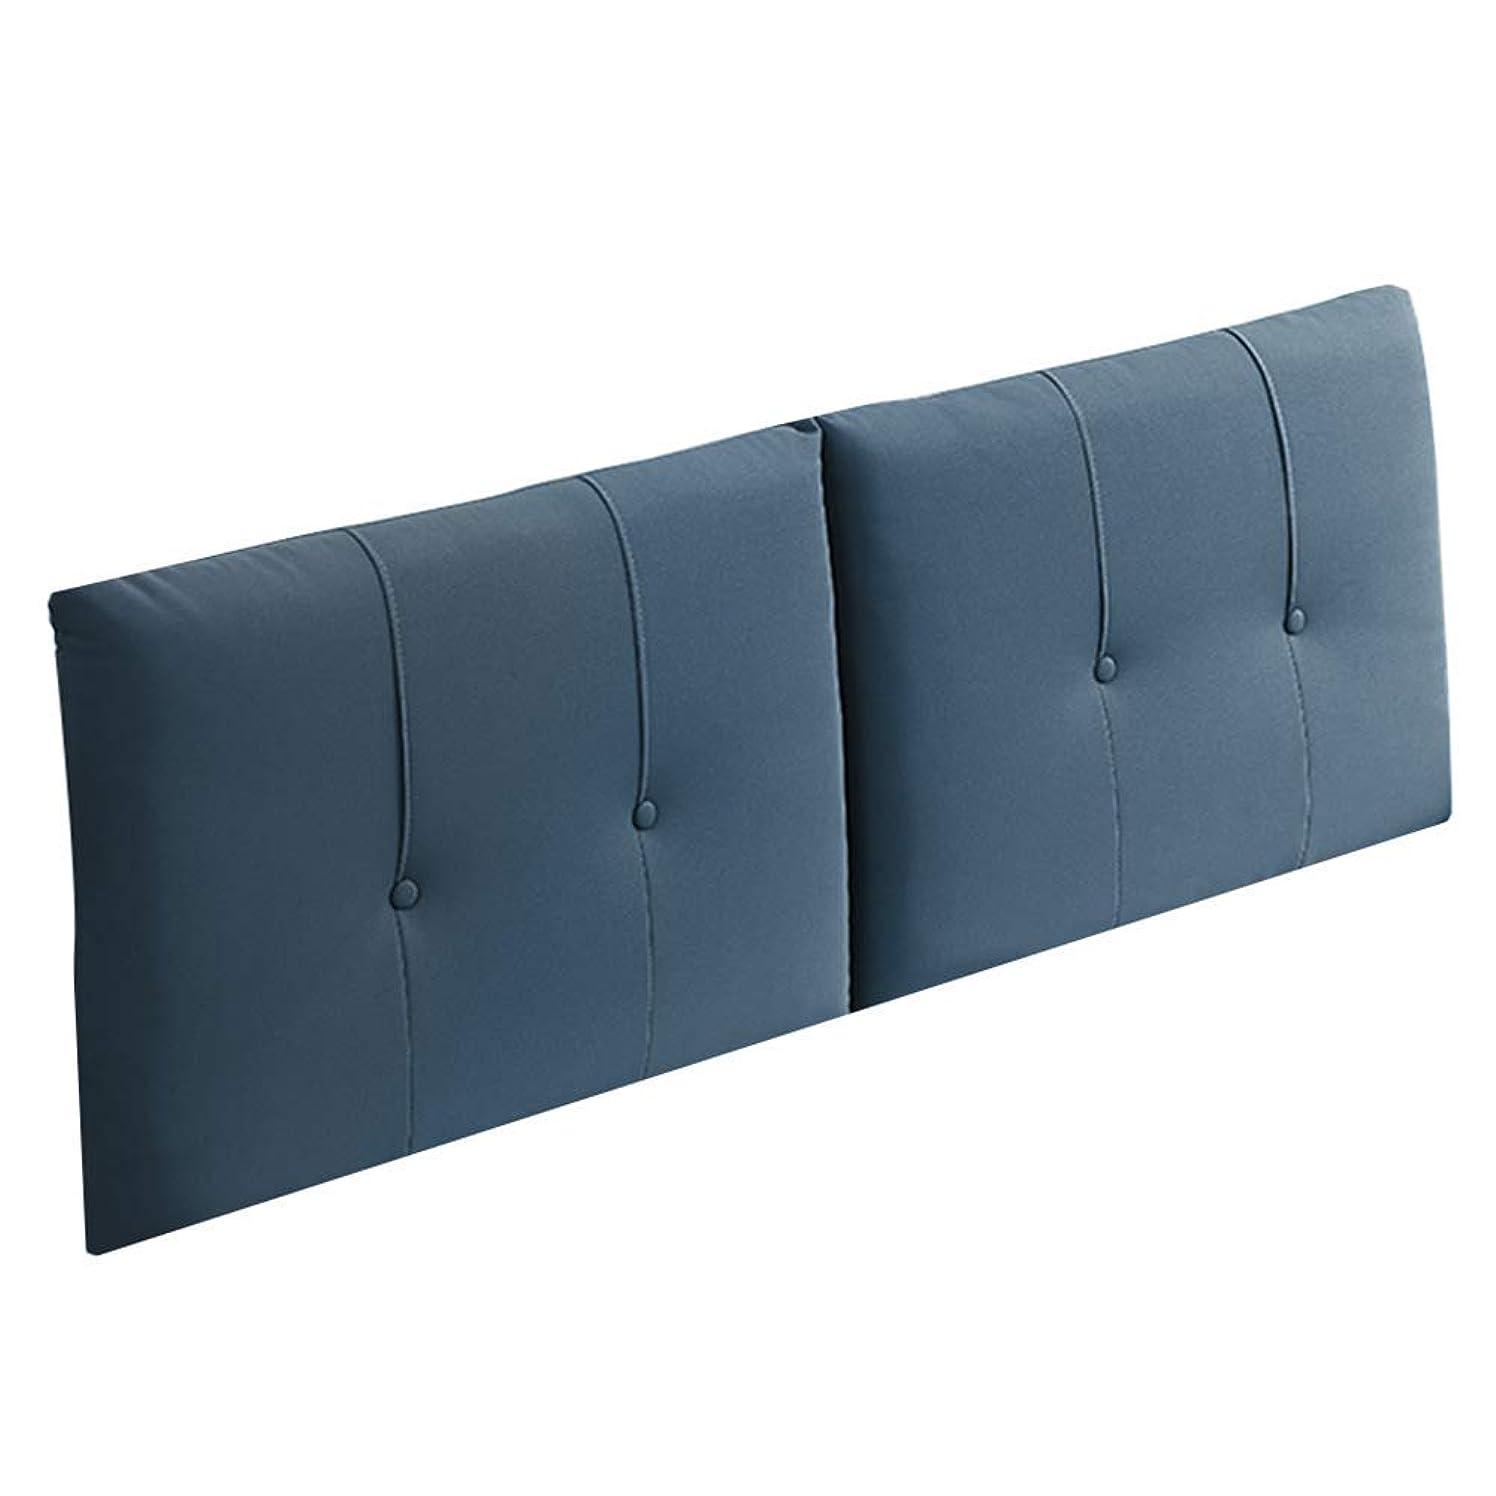 発生降ろす植木WZBベッドサイドクッションソフトスポンジフィリングダブルウォッシャブルベッドルーム、4色、18サイズ(色:青、サイズ:205x60x10cm)